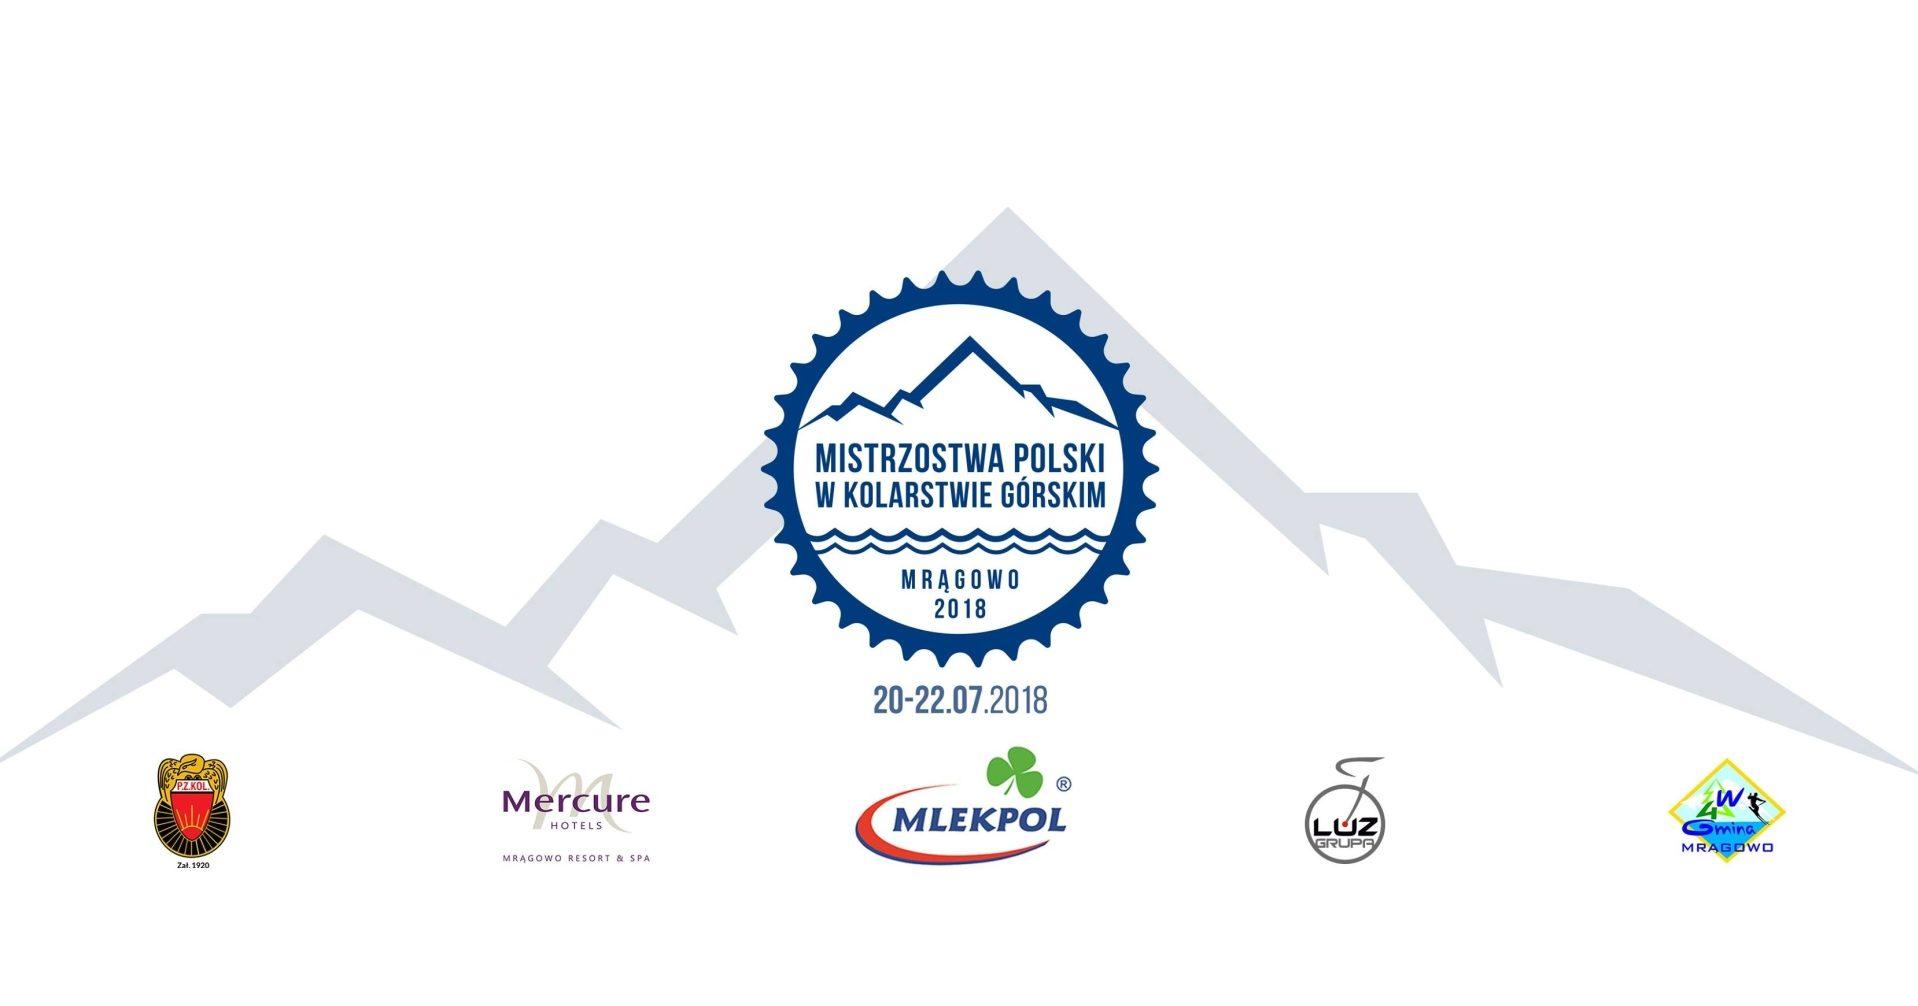 Mistrzostwa Polski w kolarstwie górskim 20-22 lipca w Mrągowie